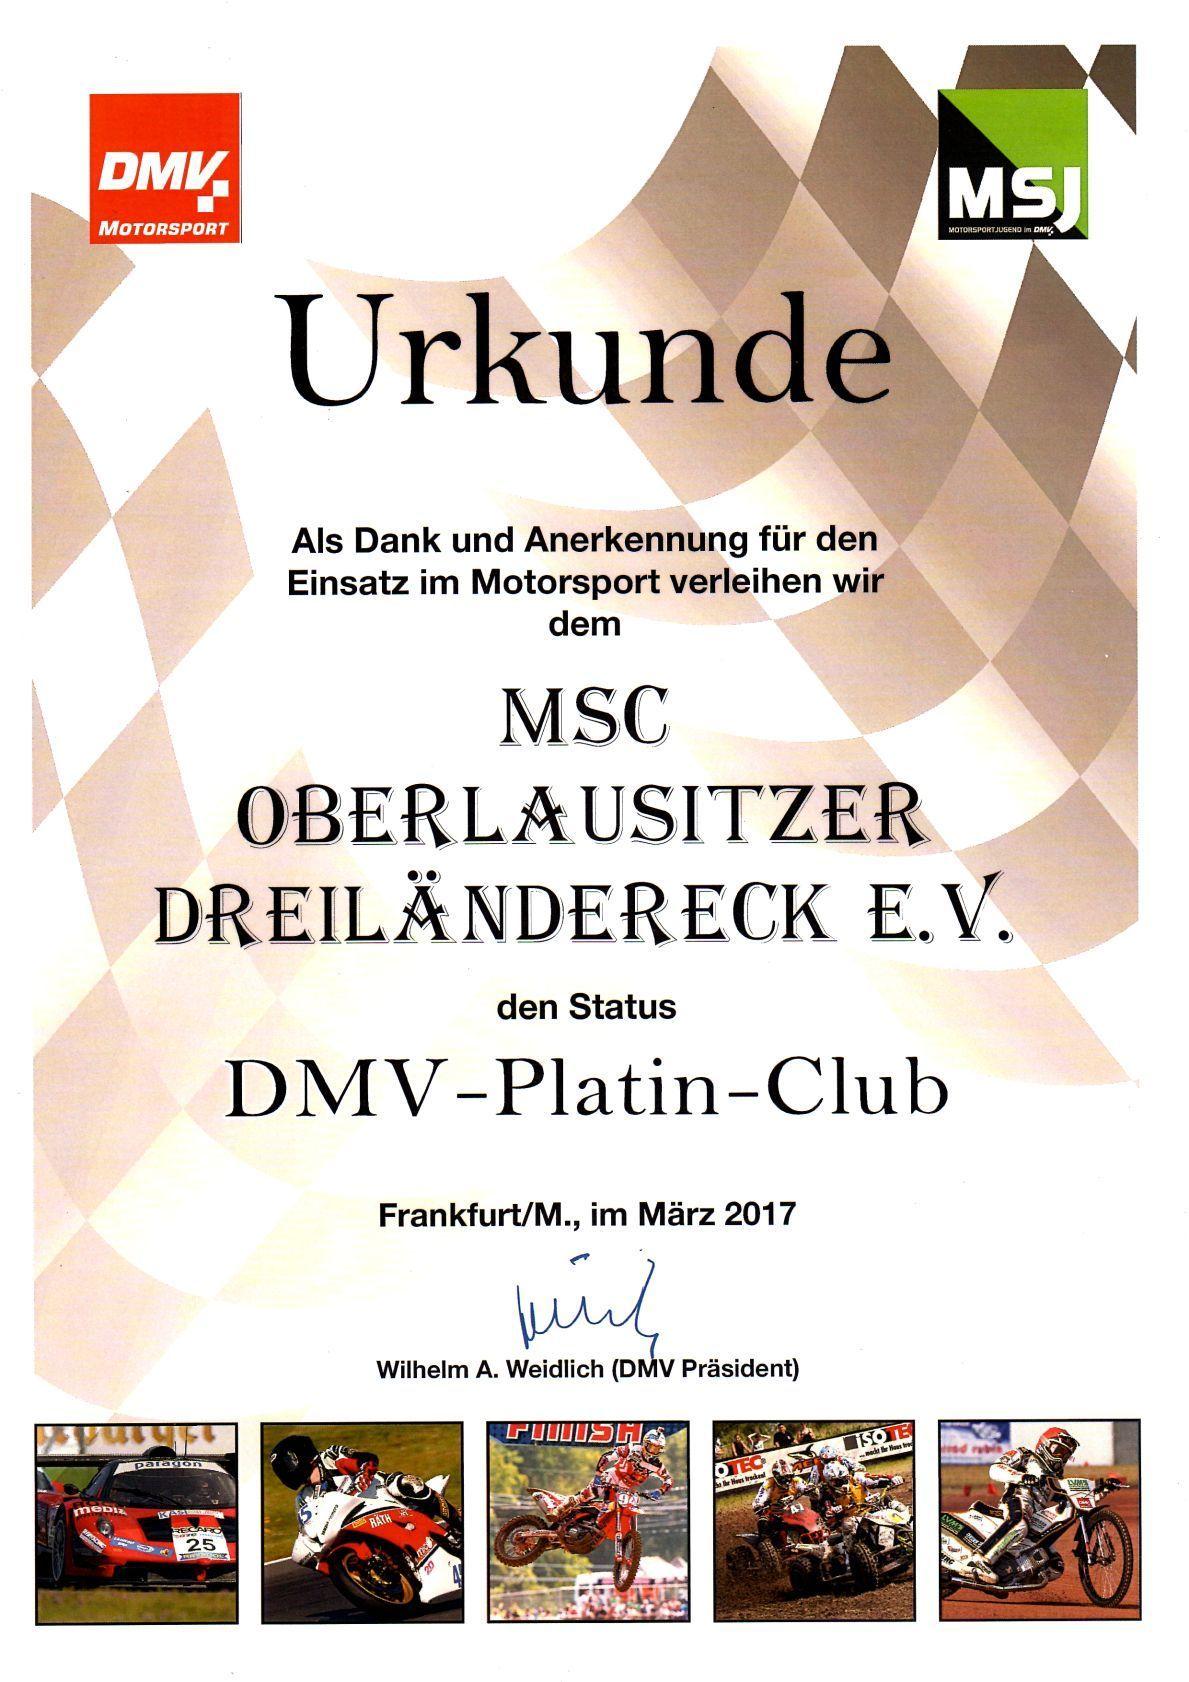 Urkunde_2017